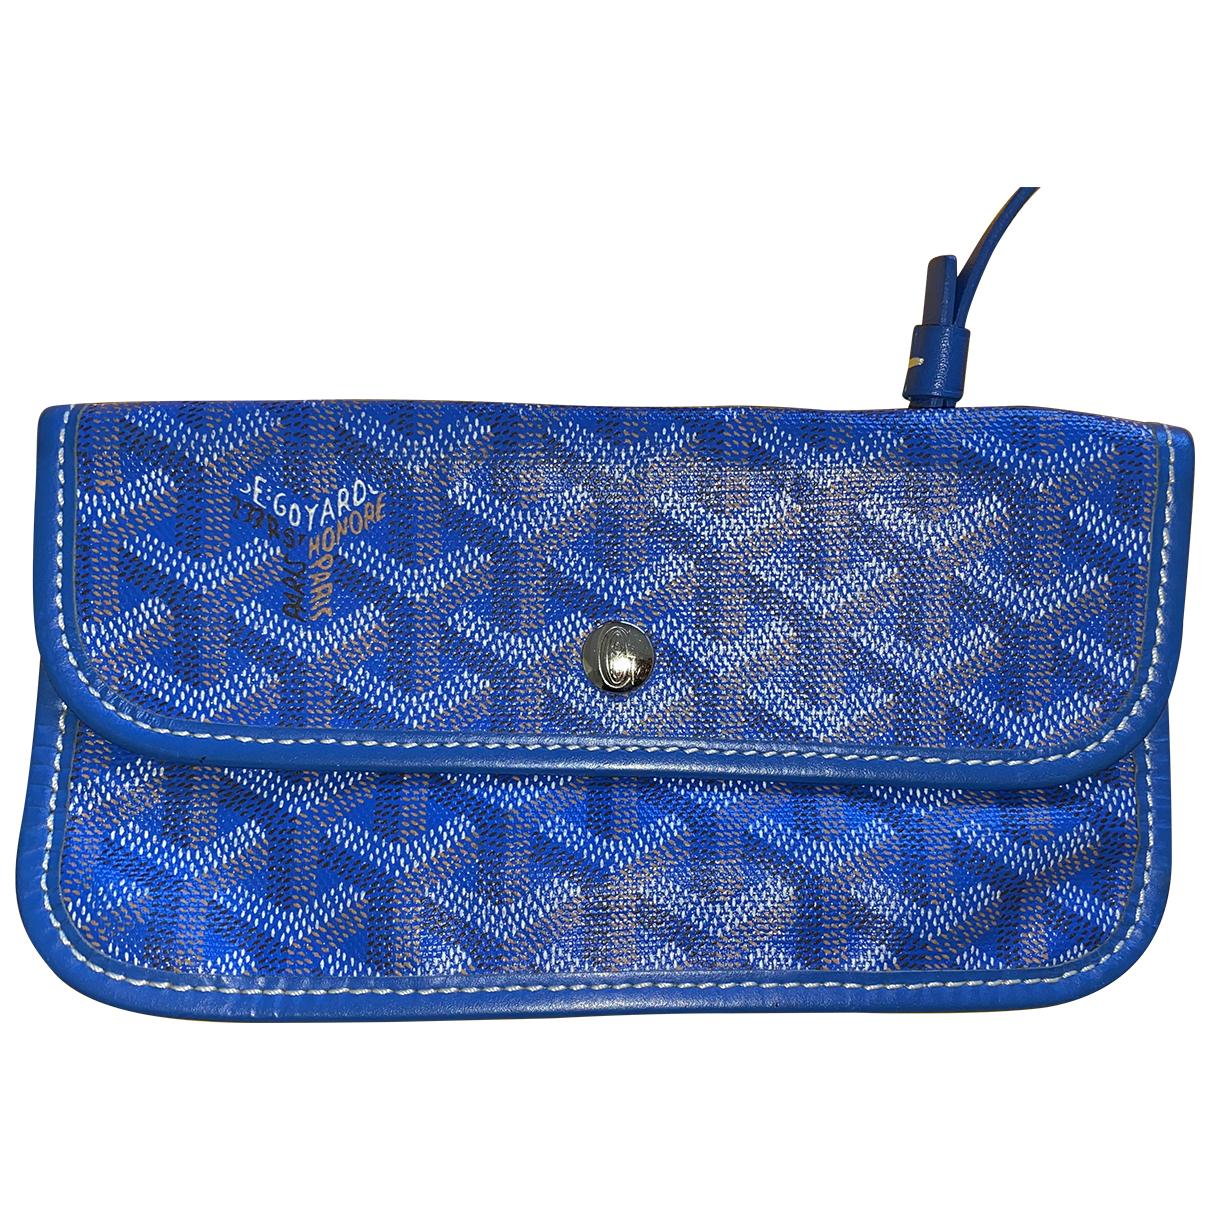 Goyard - Petite maroquinerie   pour femme en toile - bleu